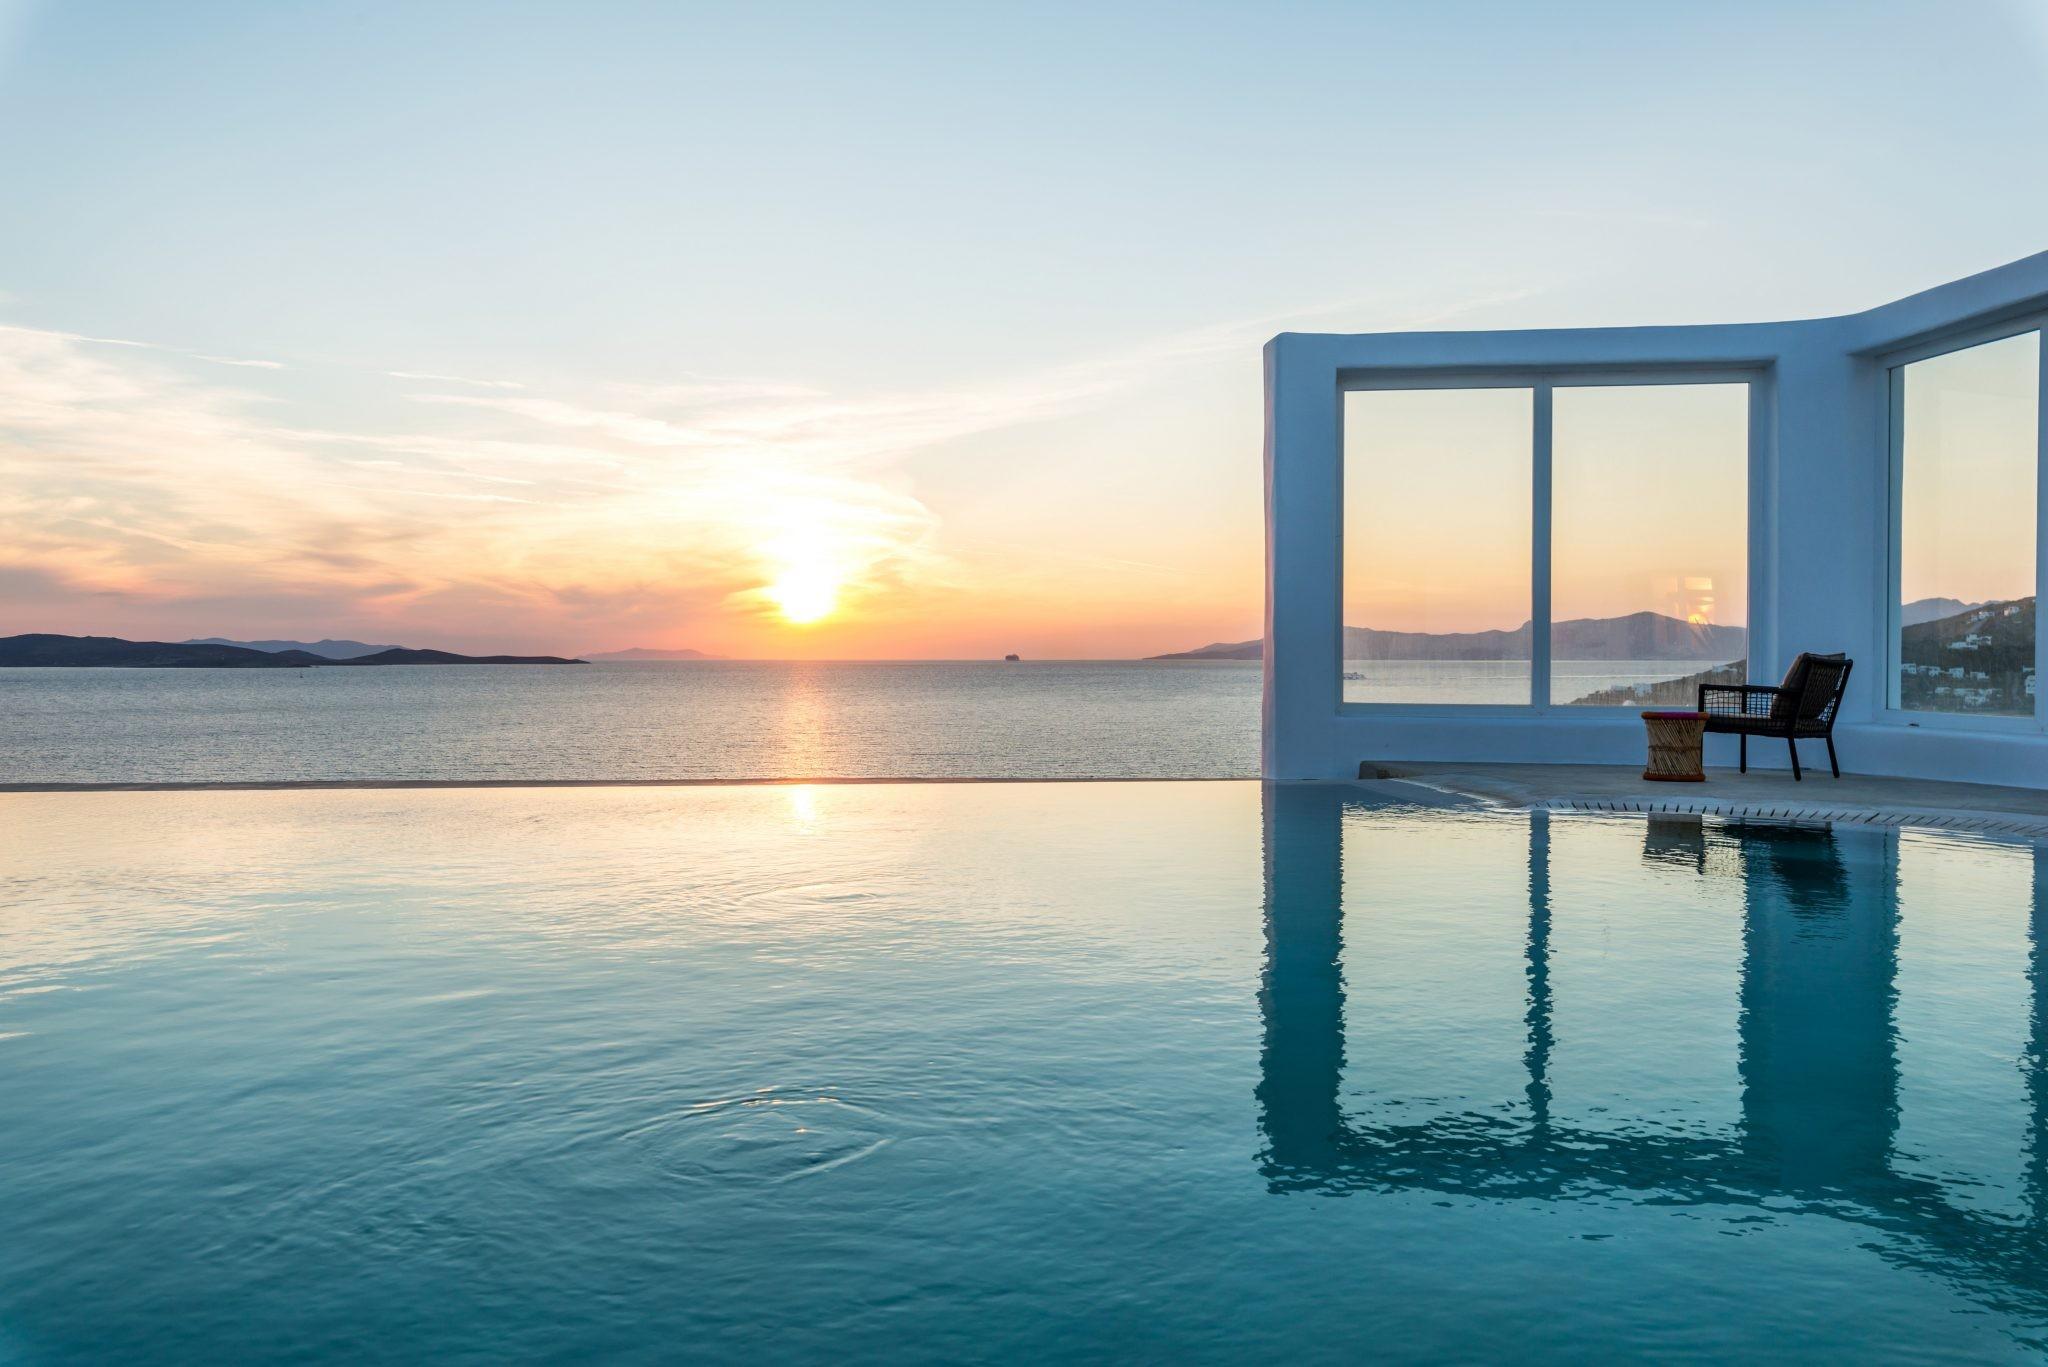 Casa, Mykonos - Ref GR-4526